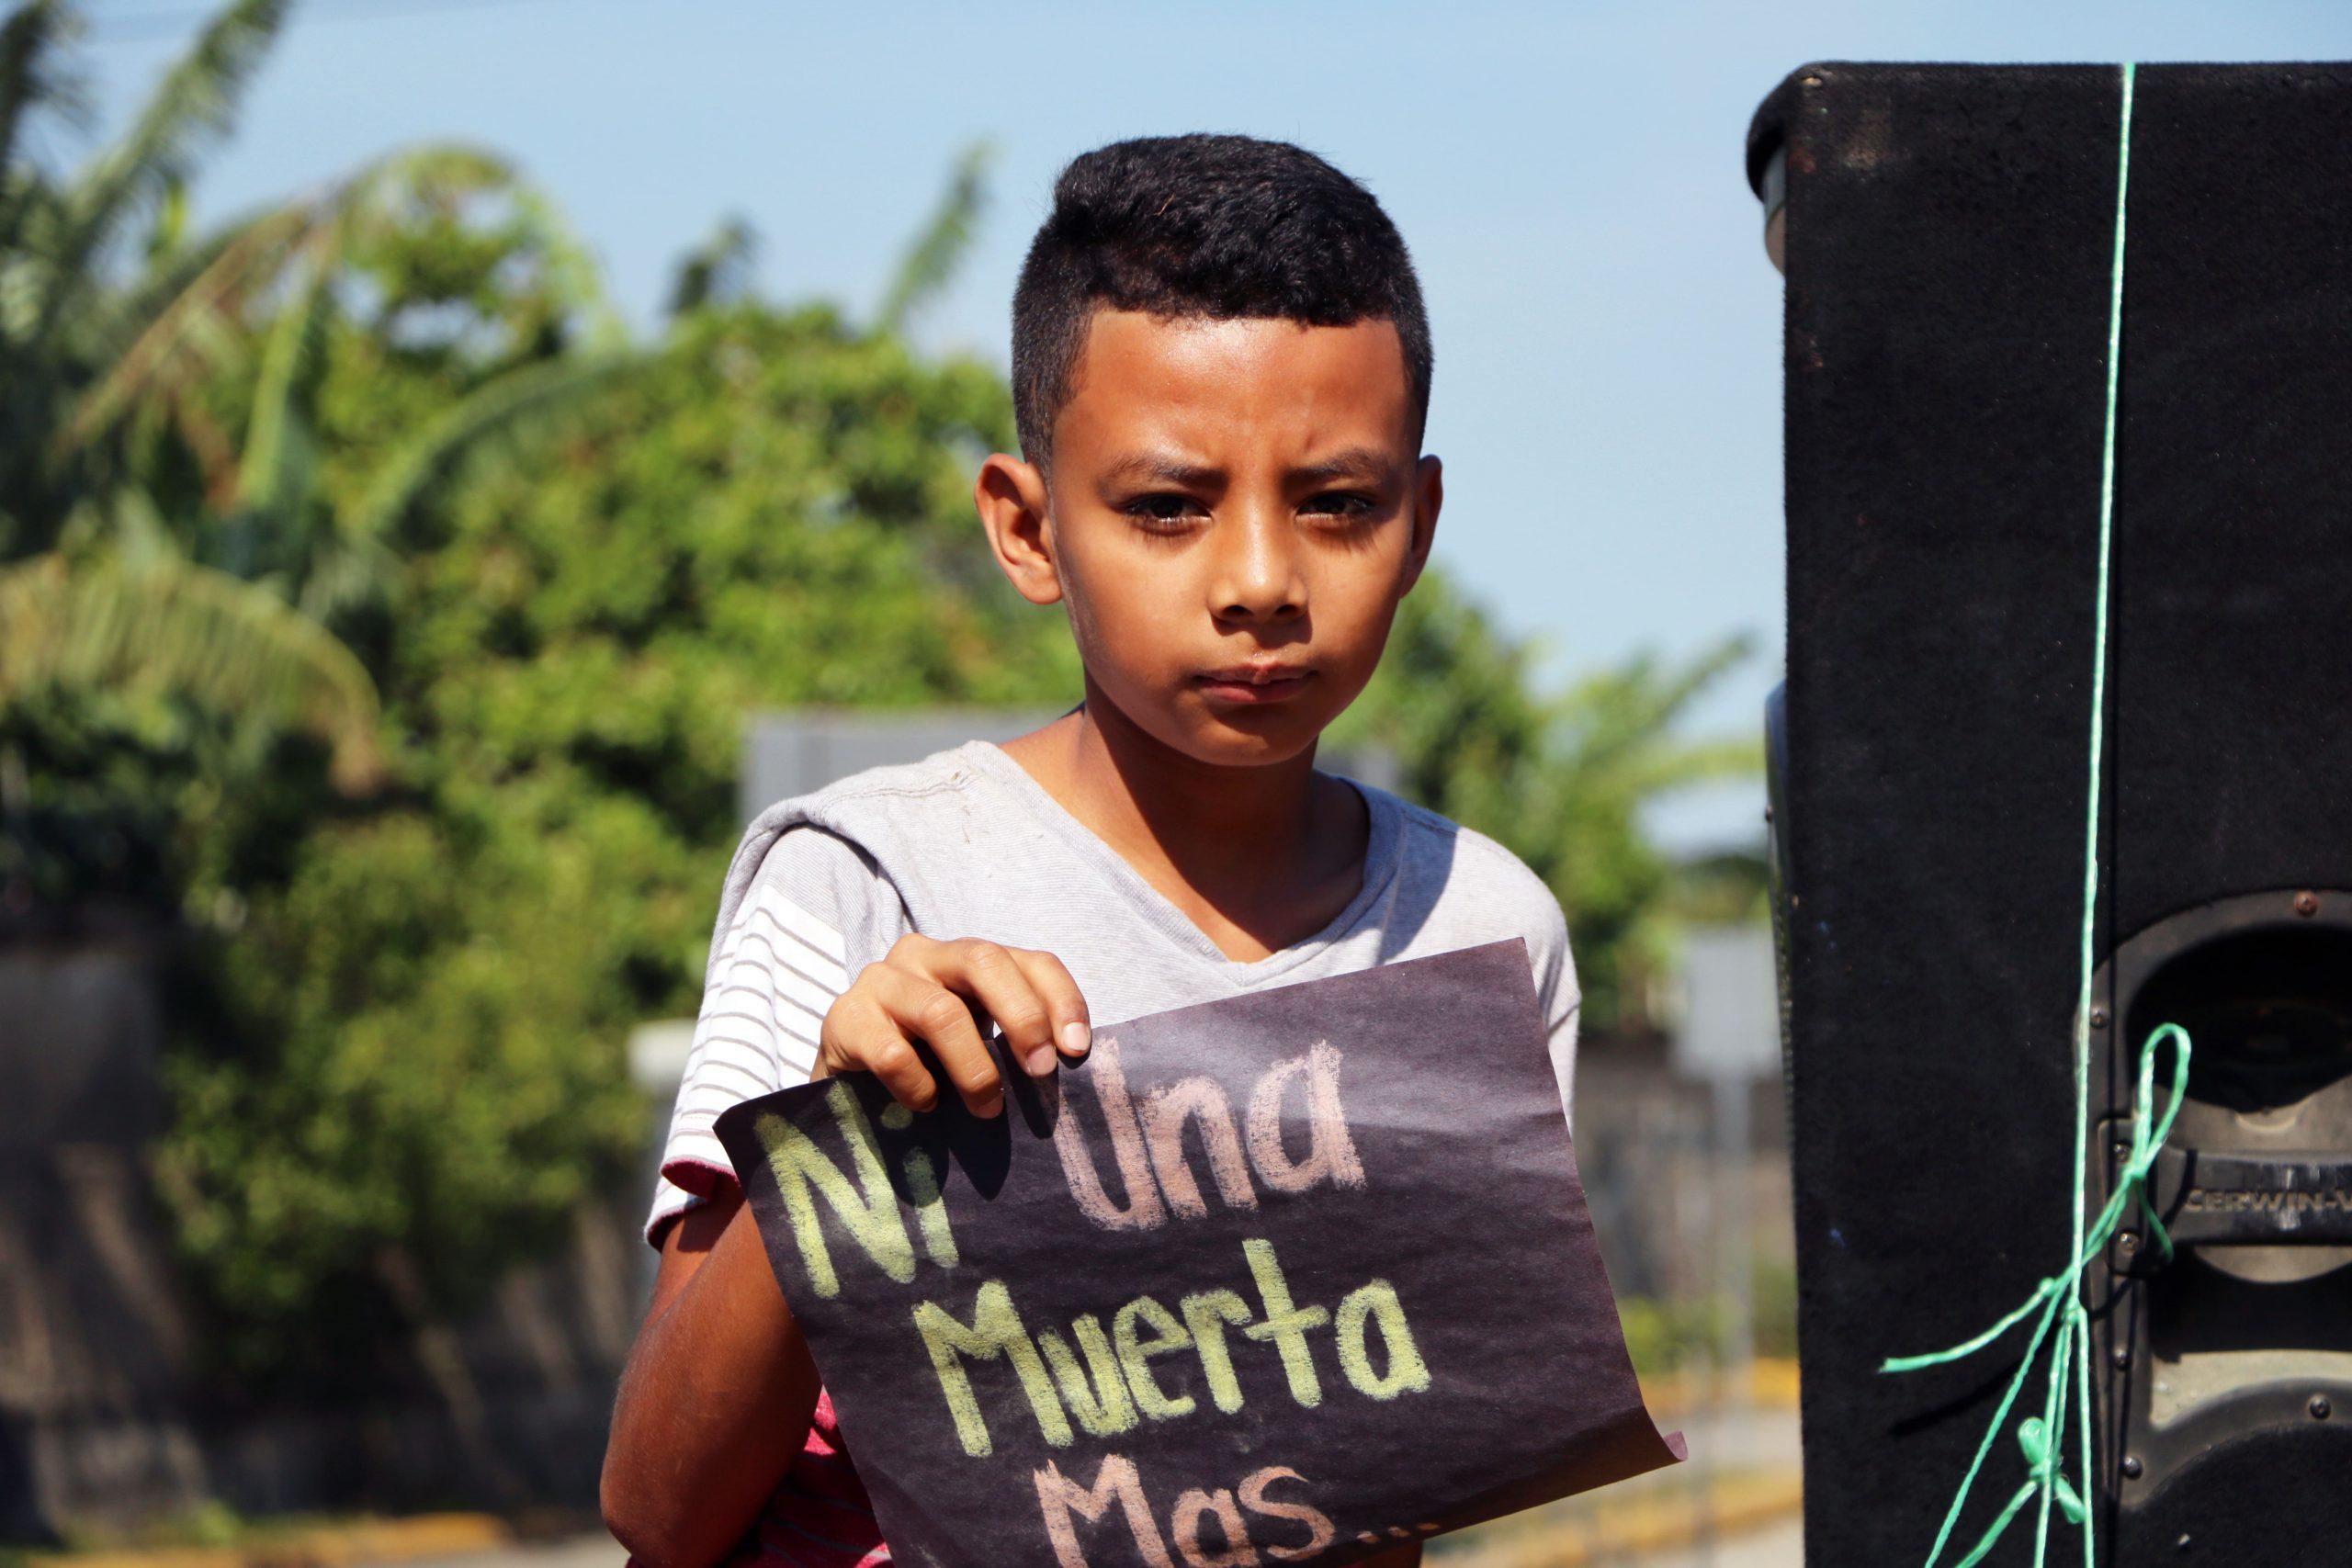 Un niño sostiene su mensaje durante una manifestación.